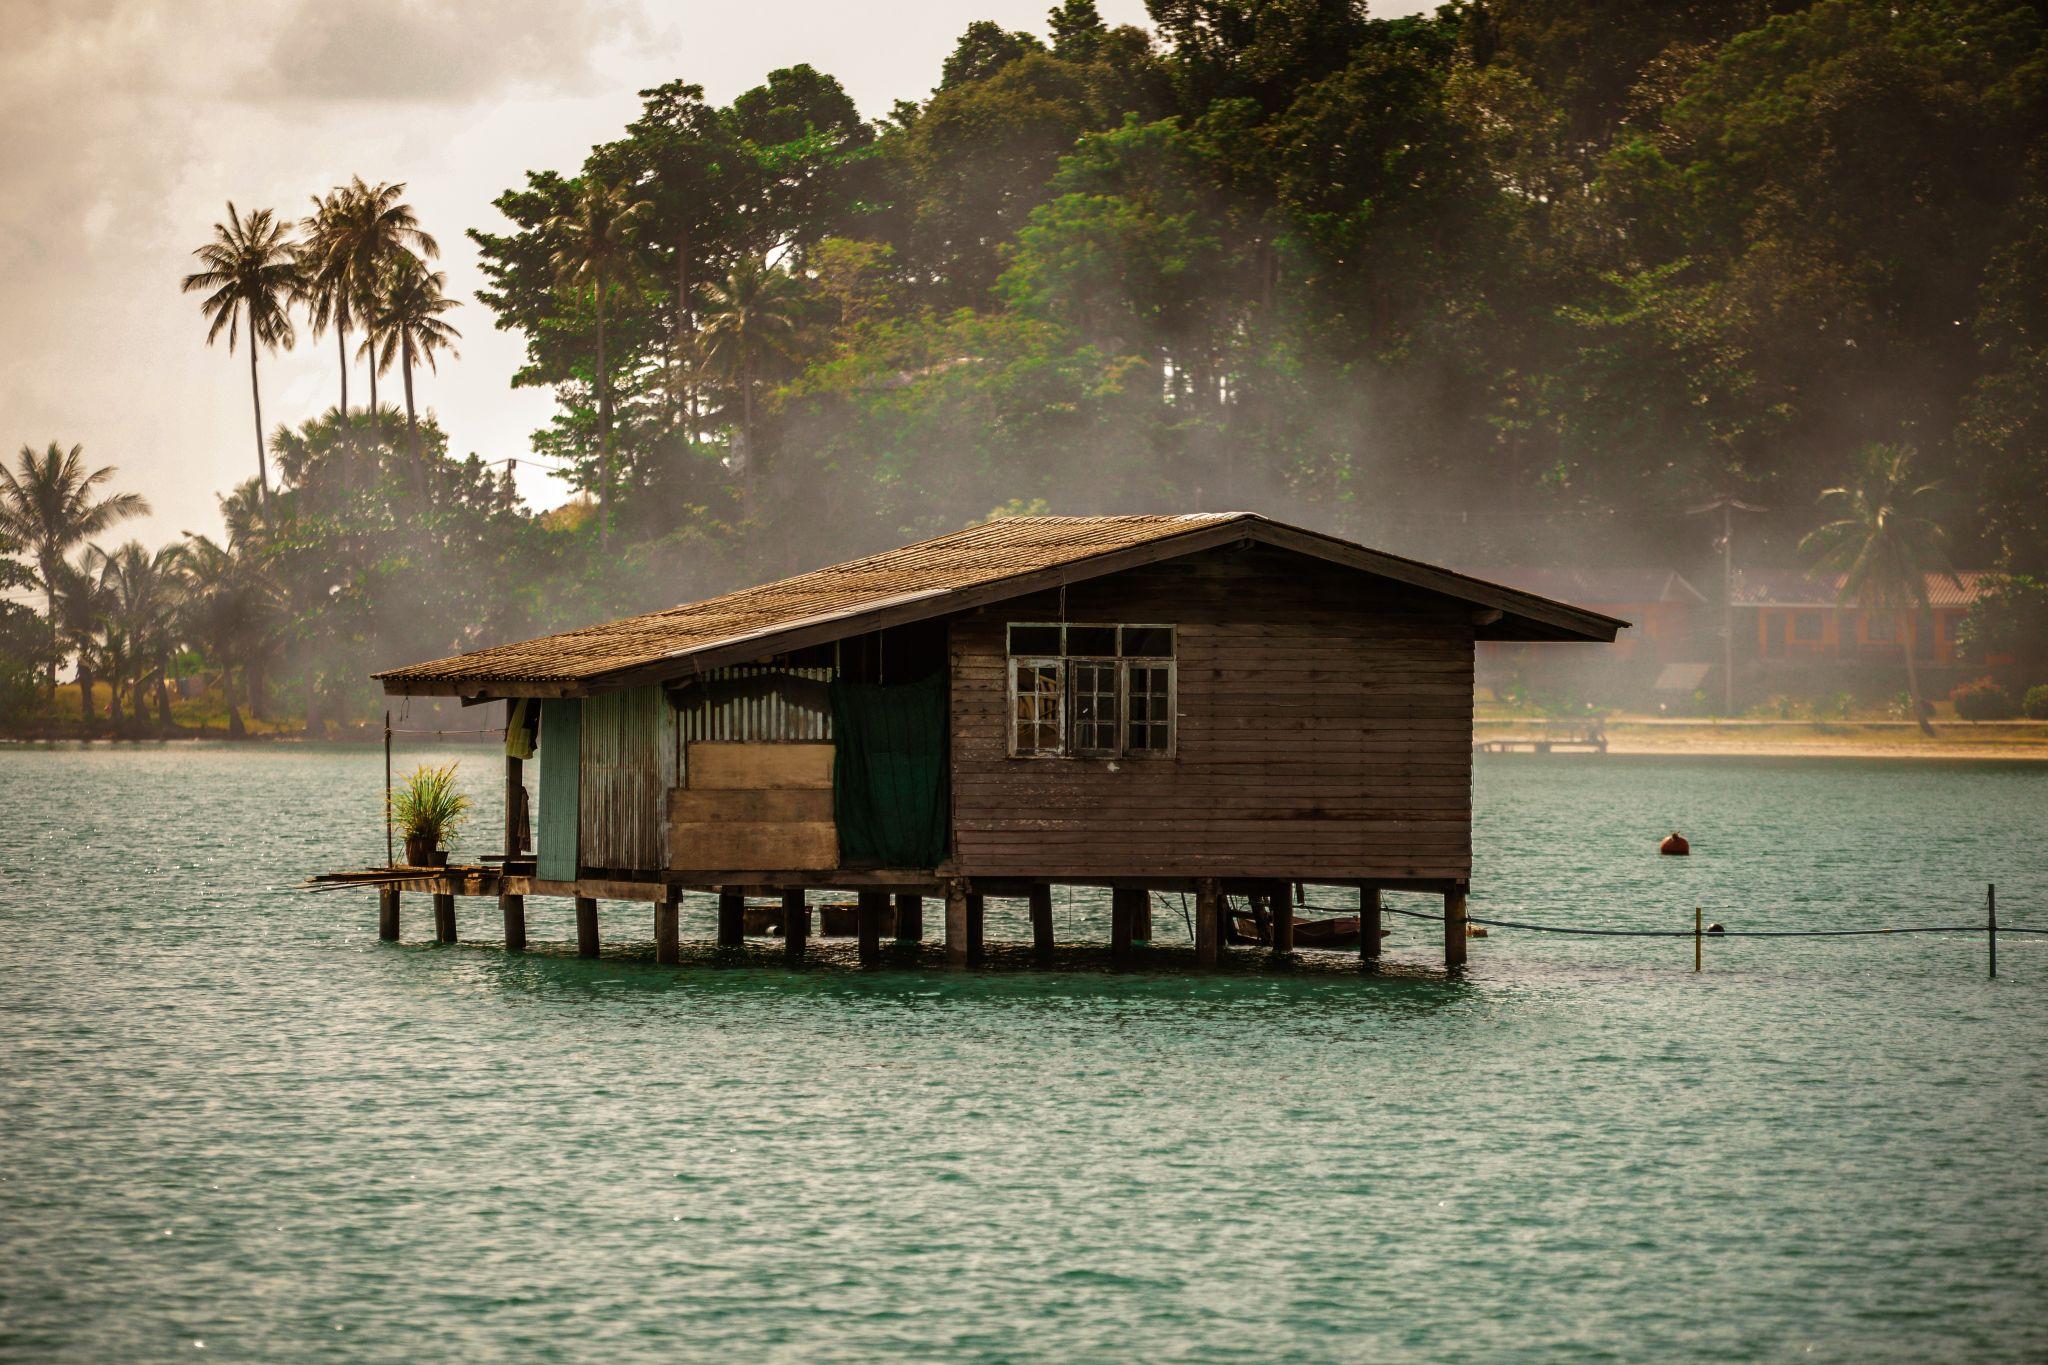 Bang Bao - House on Water, Thailand